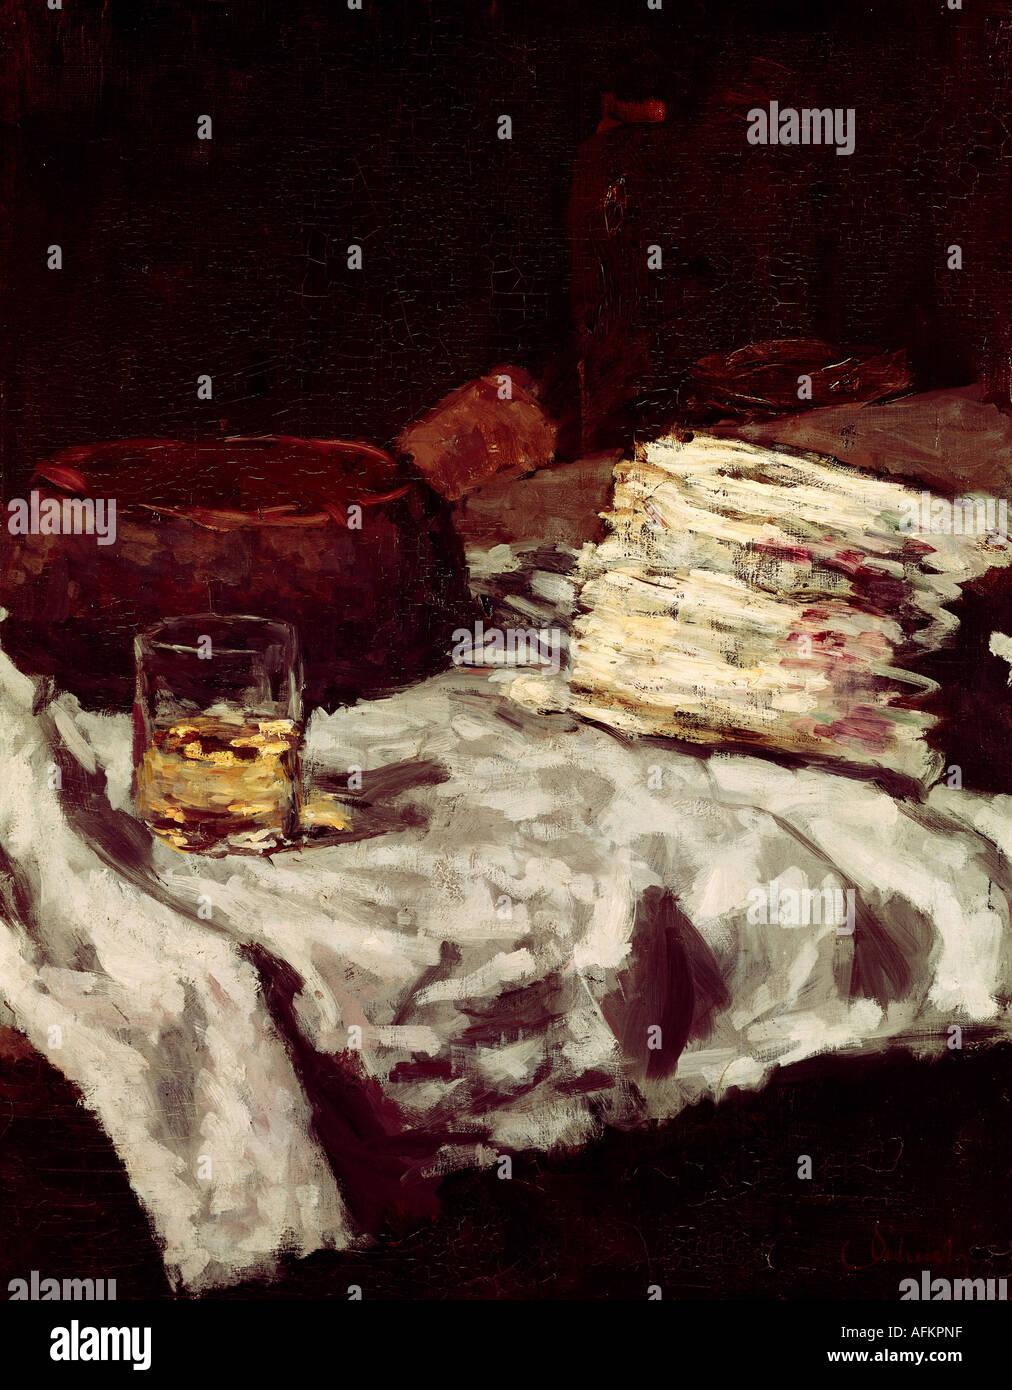 'Fine Arts, Schuch, Carl, (30.9.1846 - 13.9.1903), peinture, 'tillleben mit Spargel', vers 1885, huile Photo Stock